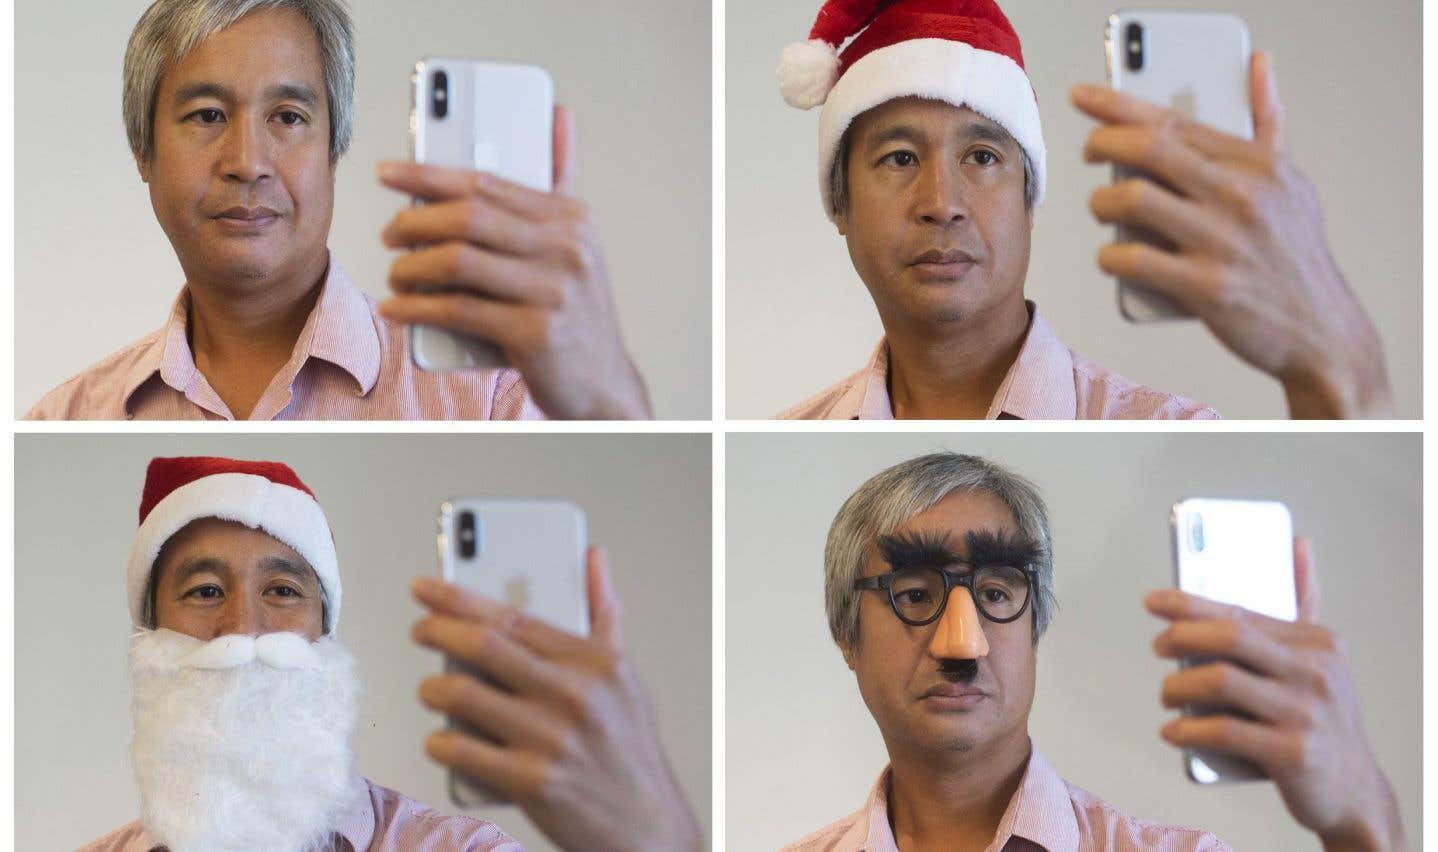 La reconnaissance faciale de l'iPhone X n'est pas infaillible